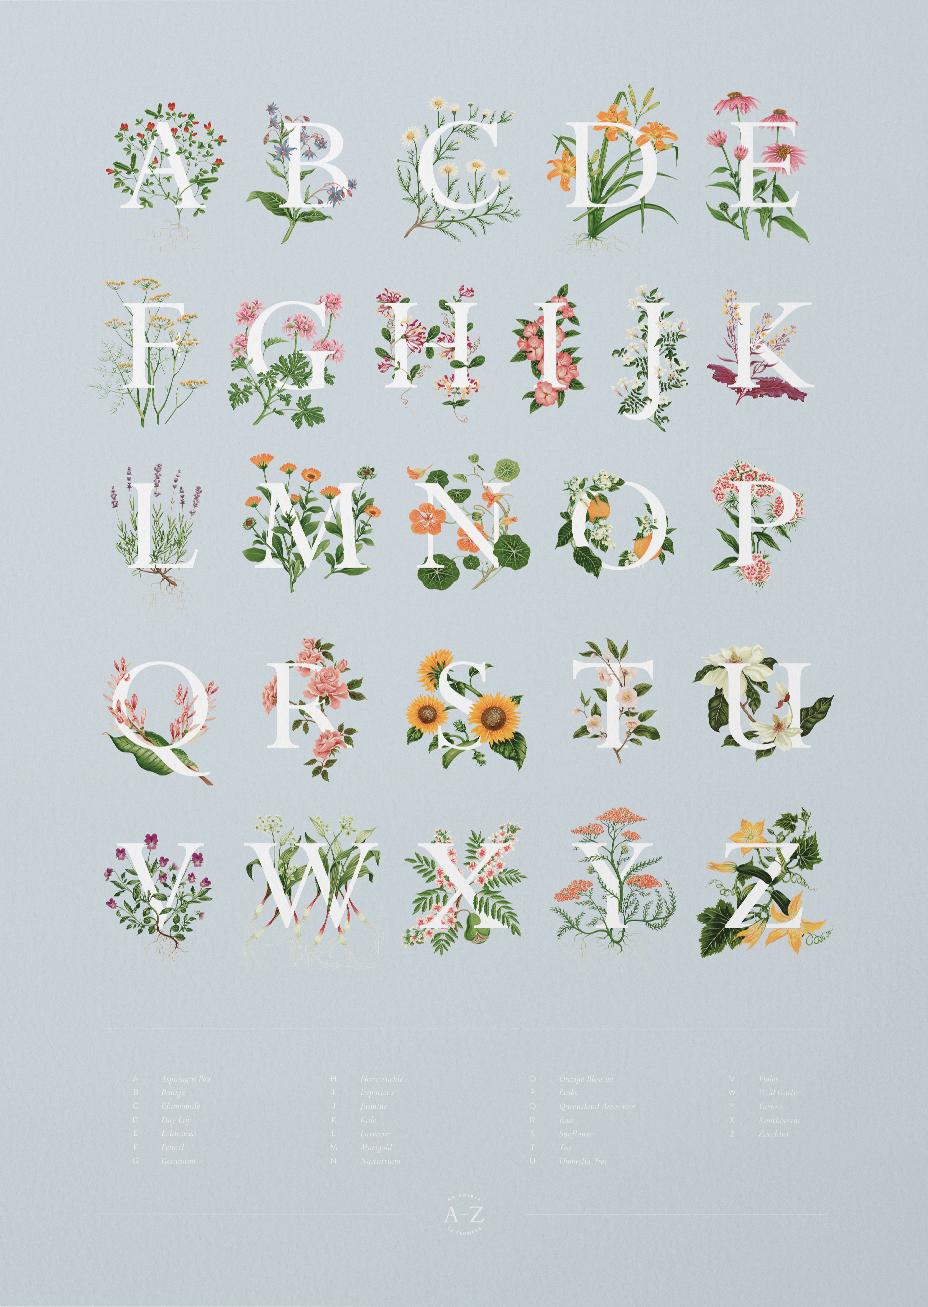 L'alfabeto botanico di Charlotte Day